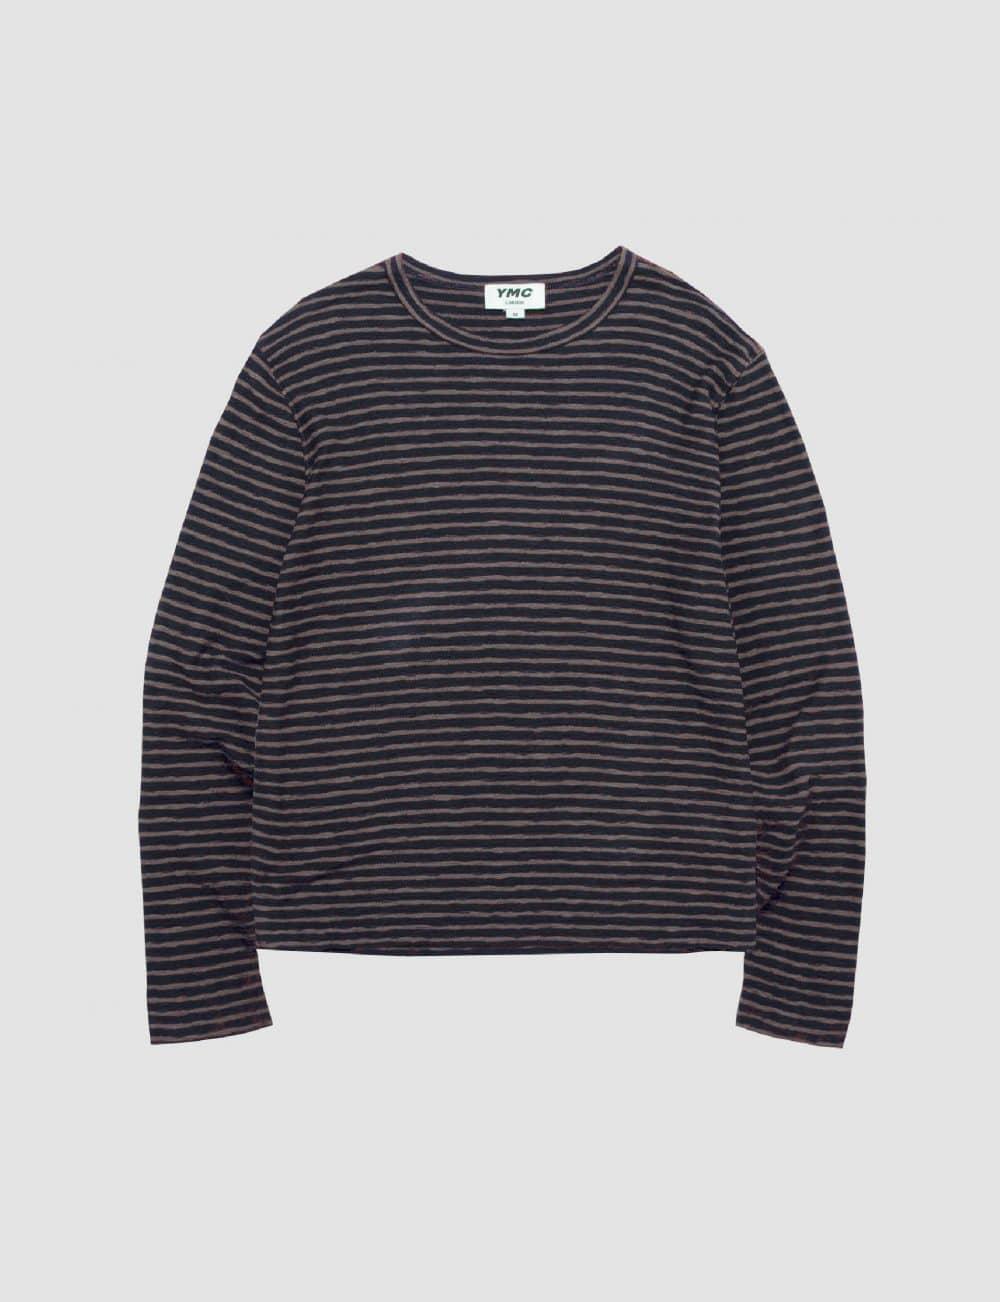 YMC - X Coton Jersey - Ecru